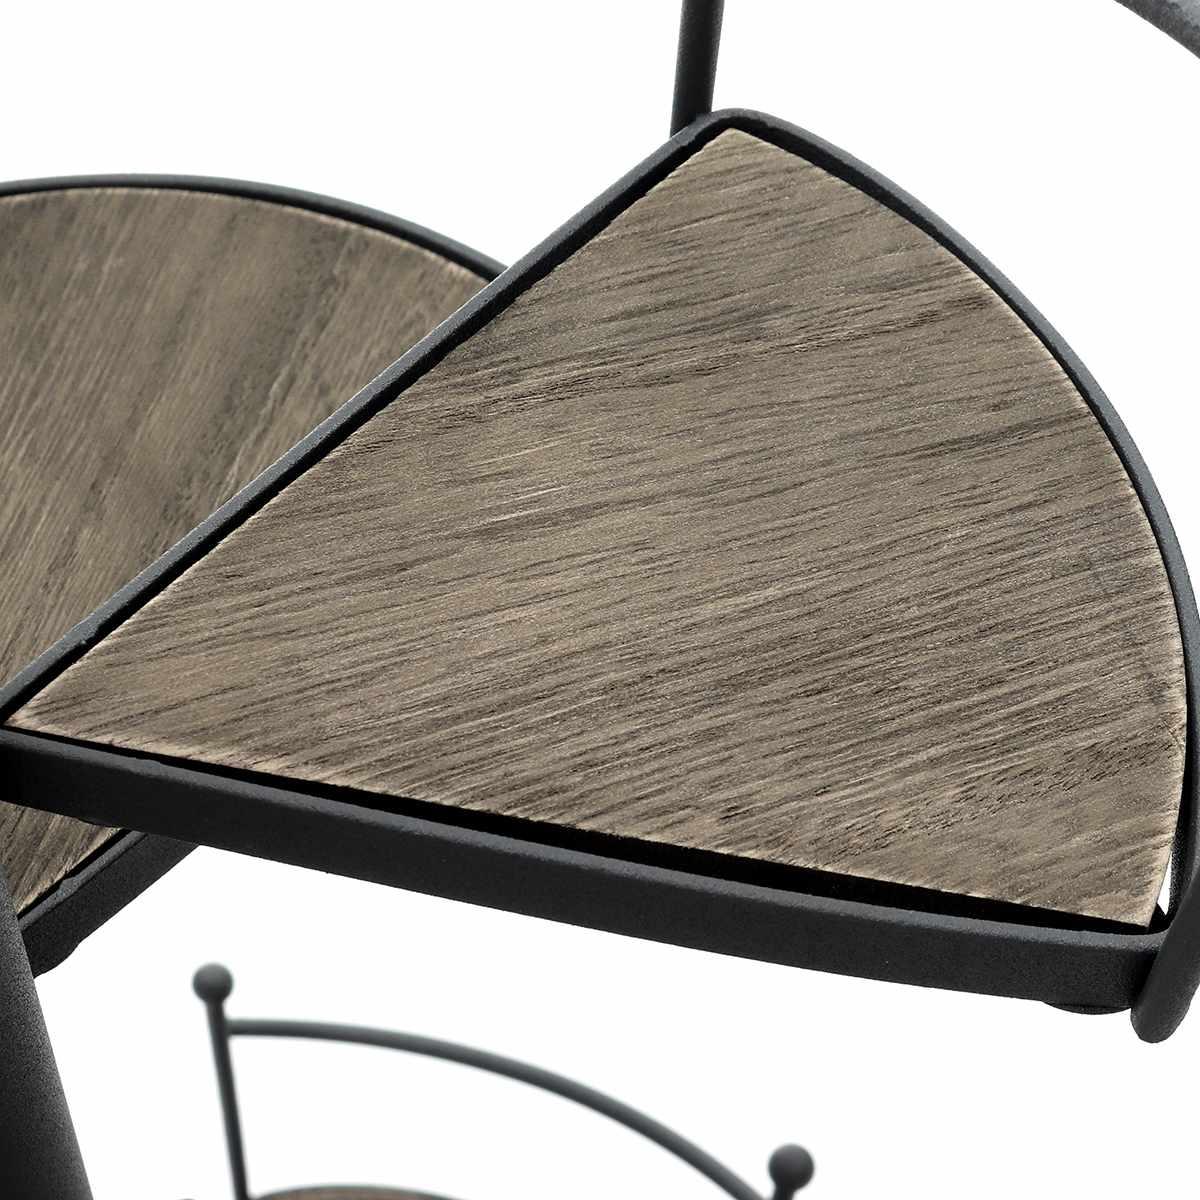 8 слоев лестницы форма железный завод стеллаж металлическая подставка растения суккулент полка настольная Садовый цветок Современная декоративная с деревянной пластиной